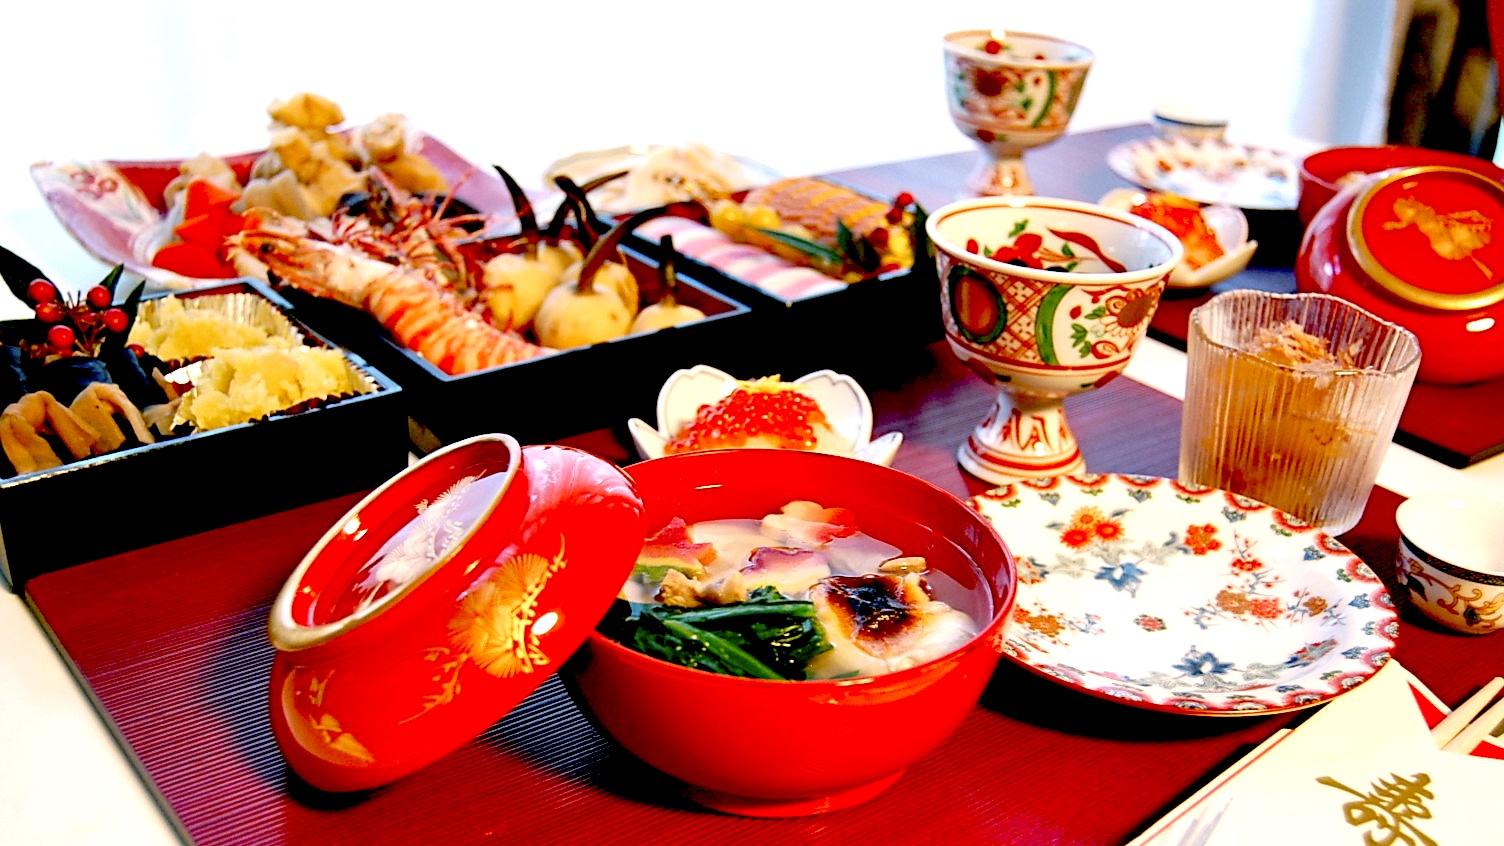 日式跨年大餐「御節料理」嚐鮮,便宜買有訣竅!!